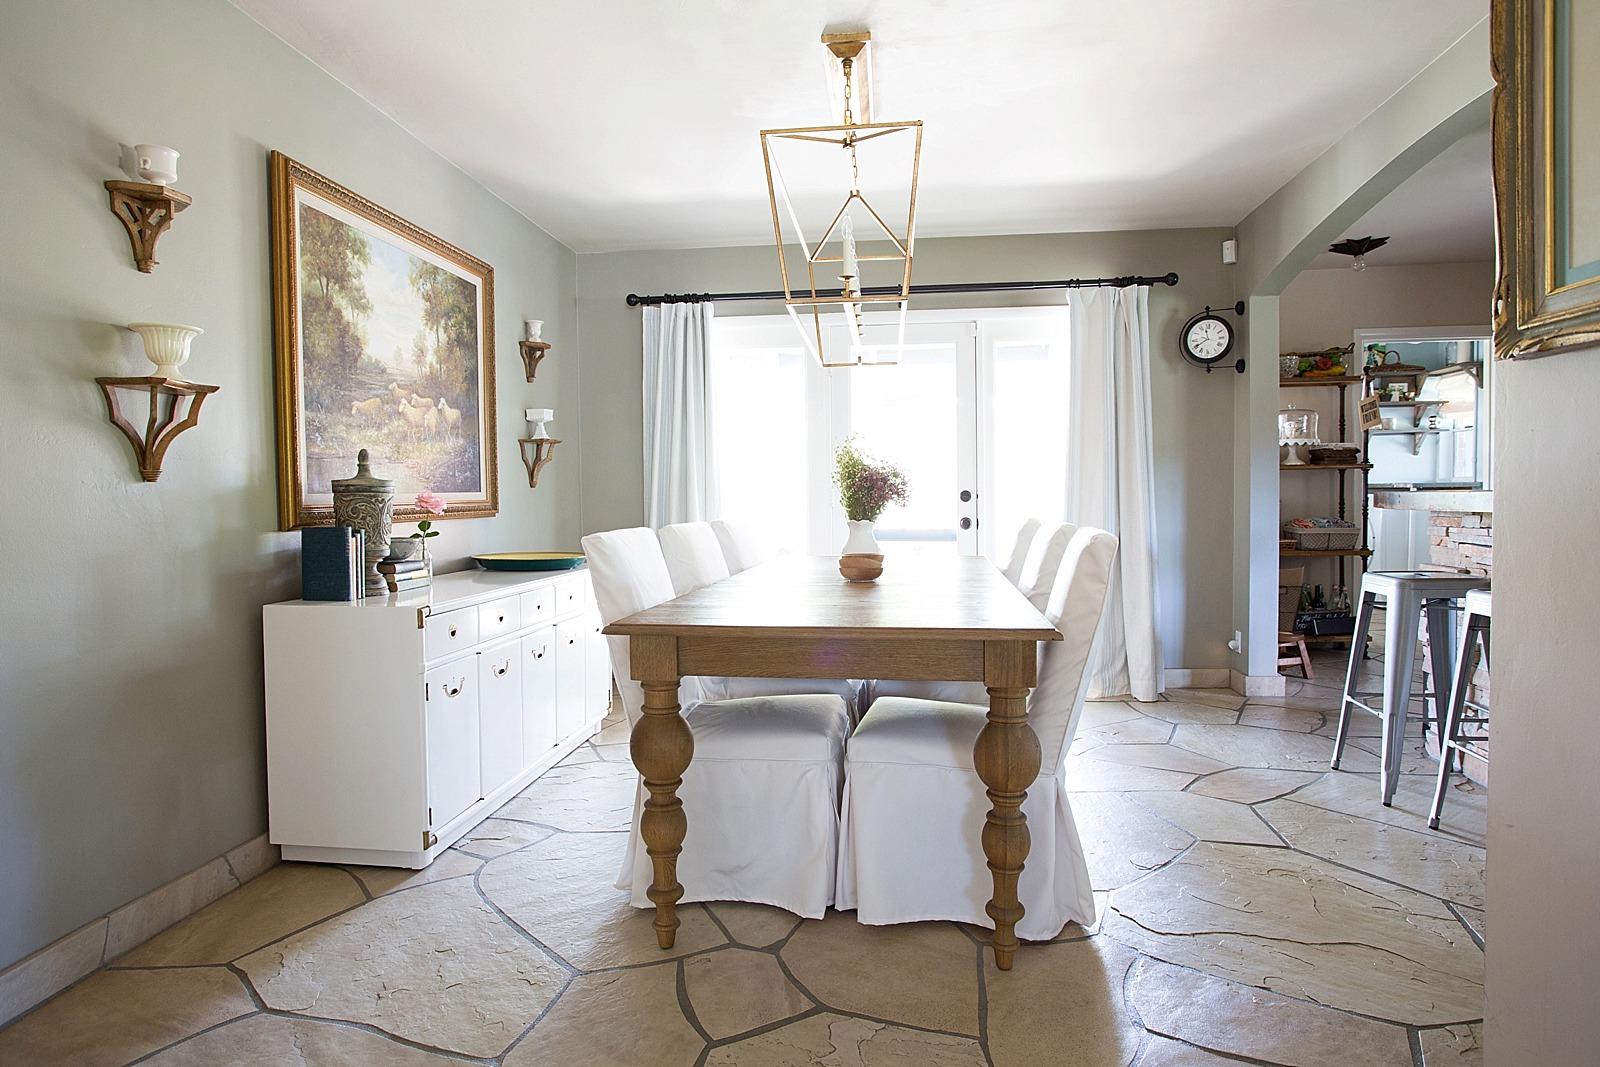 dining-room-5145